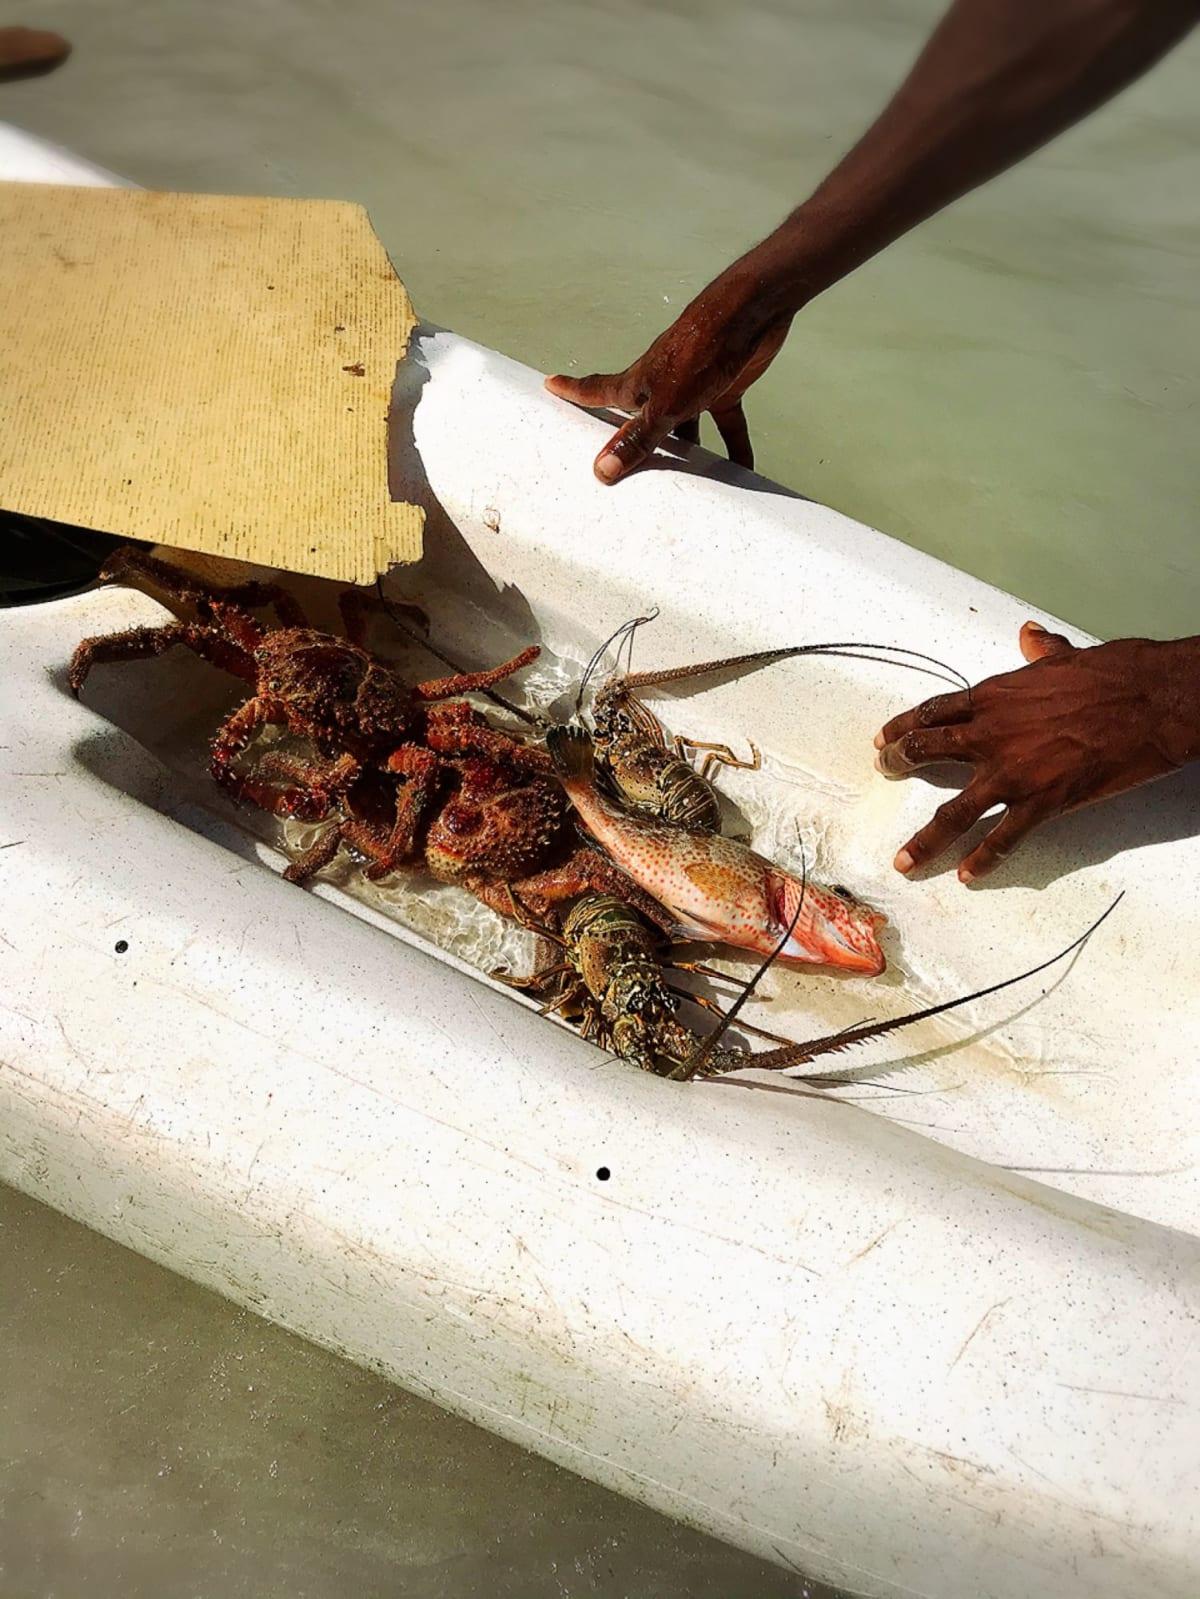 ハイチの村にて。採れたてのカニ、ロブスター、魚。撮影にチップを2ドル(2人だったので1人1ドル) | ラバディ